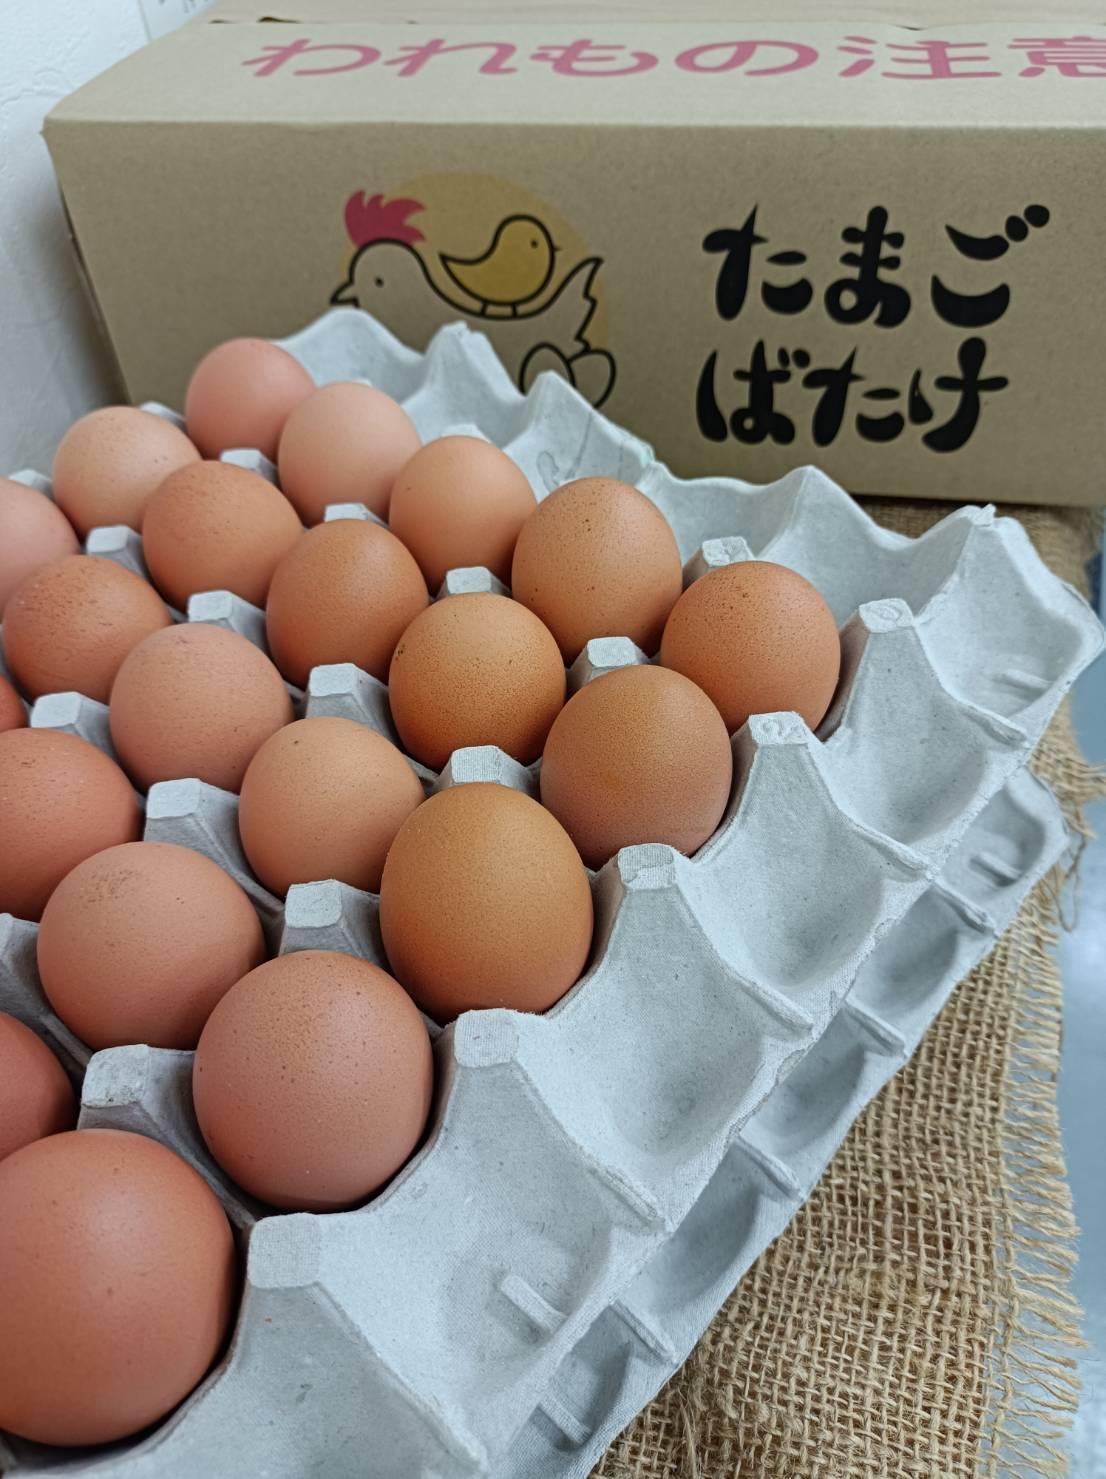 たまごばたけ 希少な平飼い卵 80個入り